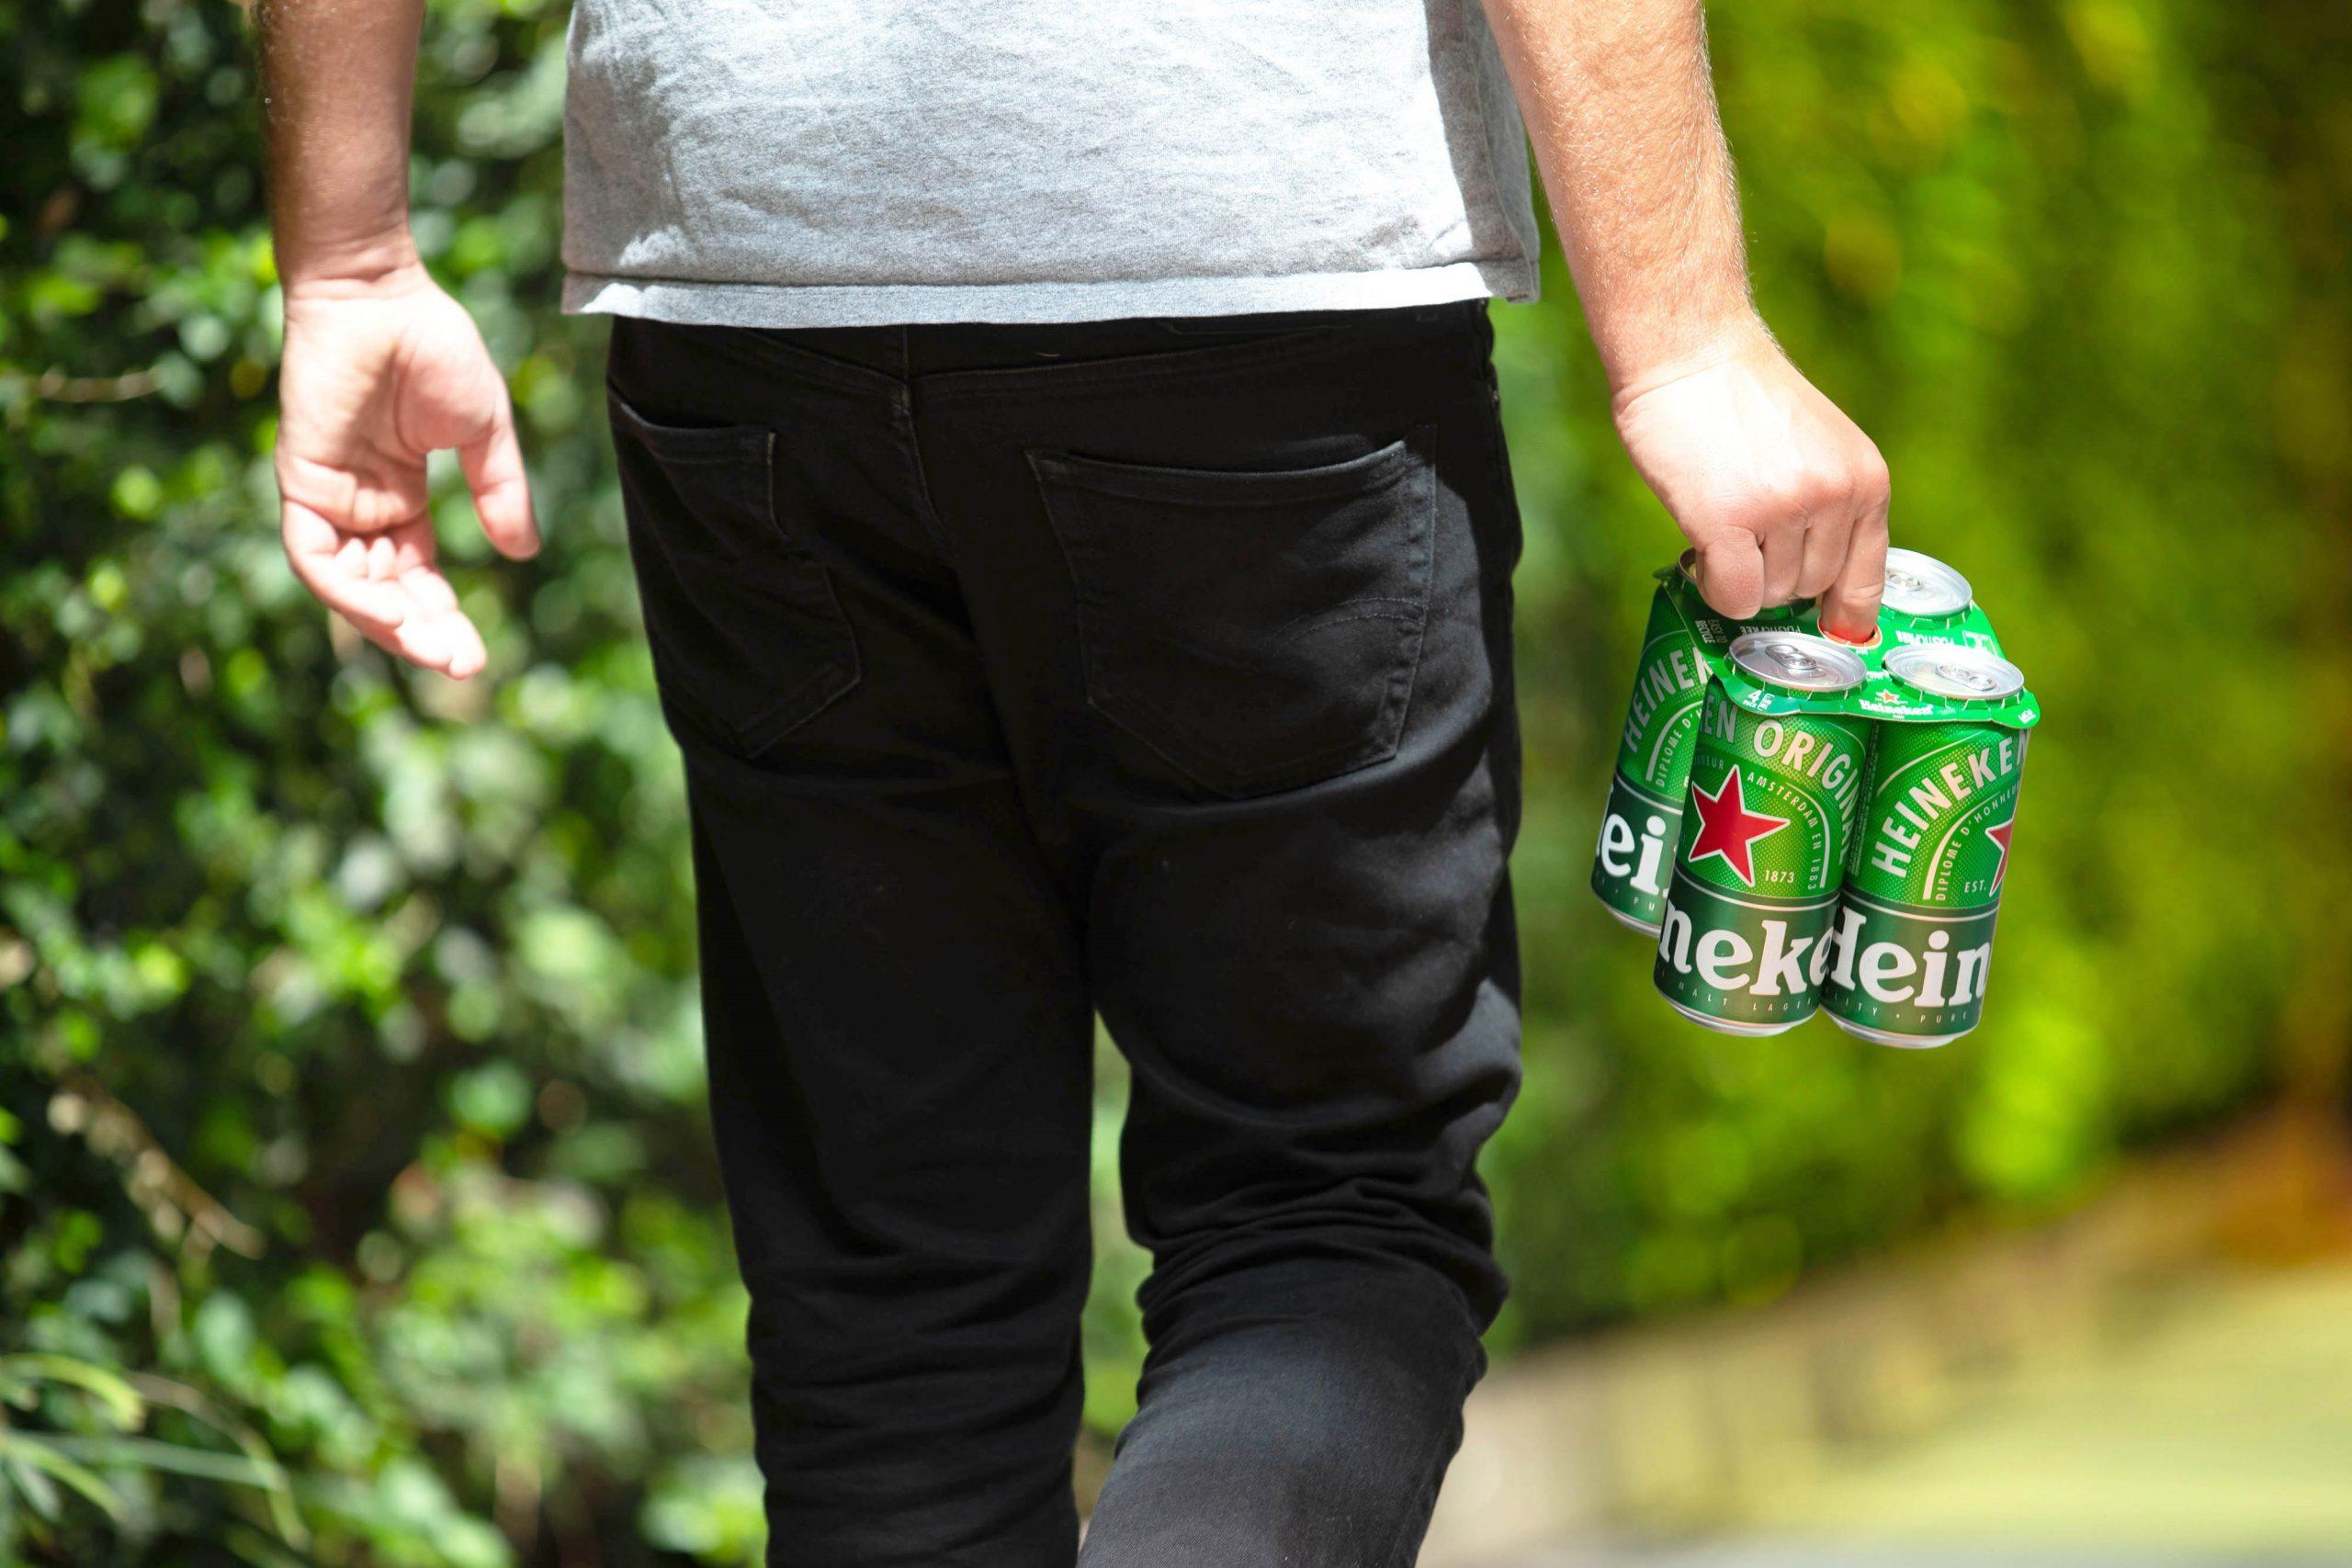 Heineken Launches Cardboard Topper For Heineken, Foster's, Kronenbourg 1664 photo